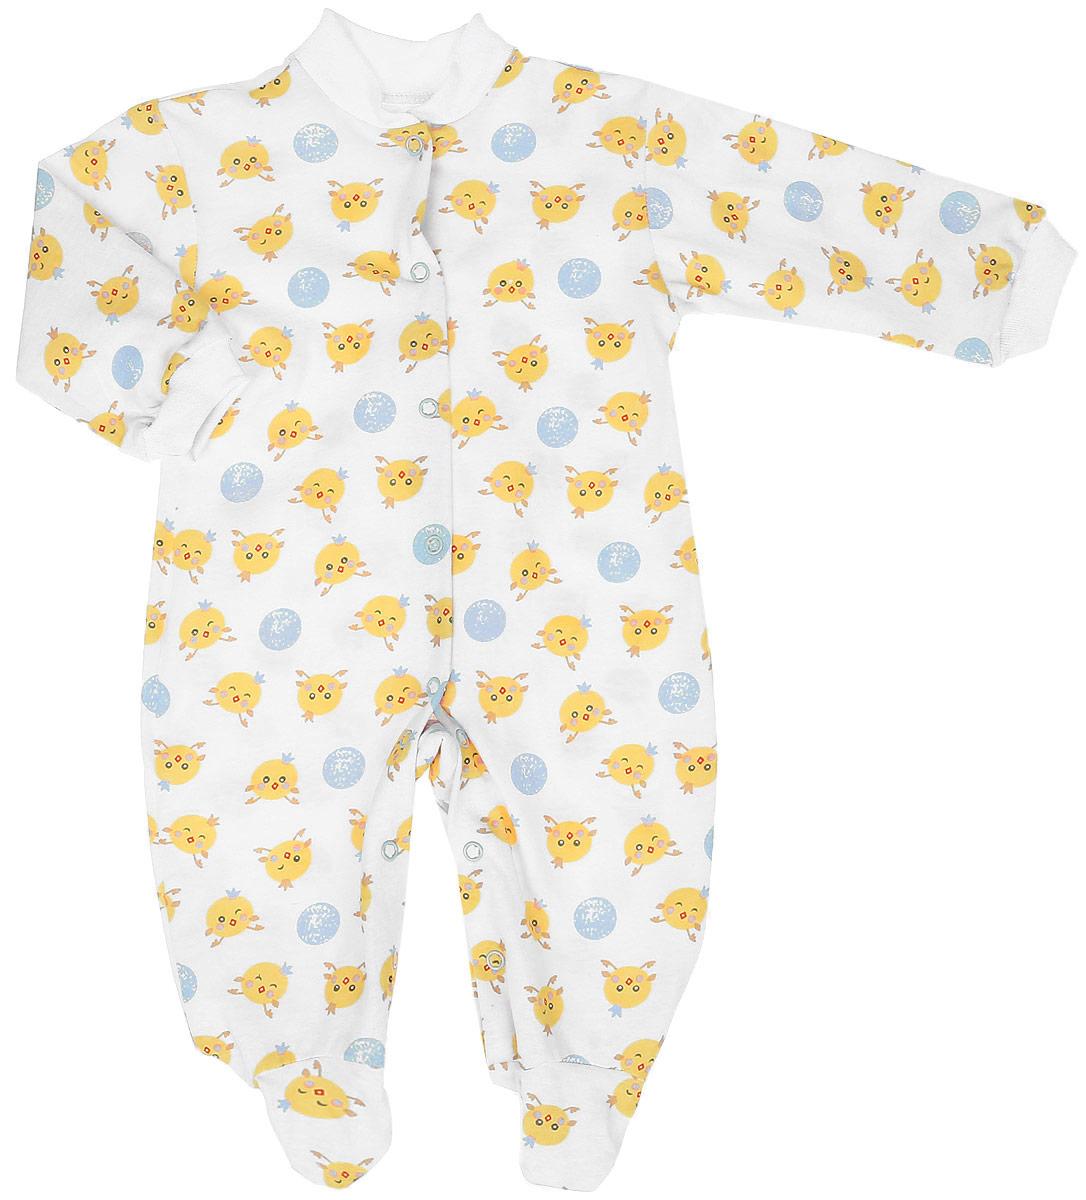 Комбинезон детский Чудесные одежки, цвет: белый, голубой. 5801. Размер 565801Удобный детский комбинезон Чудесные одежки выполнен из натурального хлопка.Комбинезон с небольшим воротником-стойкой, длинными рукавами и закрытыми ножками имеет застежки-кнопки спереди и на ластовице, которые помогают легко переодеть младенца или сменить подгузник. Воротничок и манжеты на рукавах выполнены из трикотажной эластичной резинки. Изделие оформлено принтом с изображением цыплят.